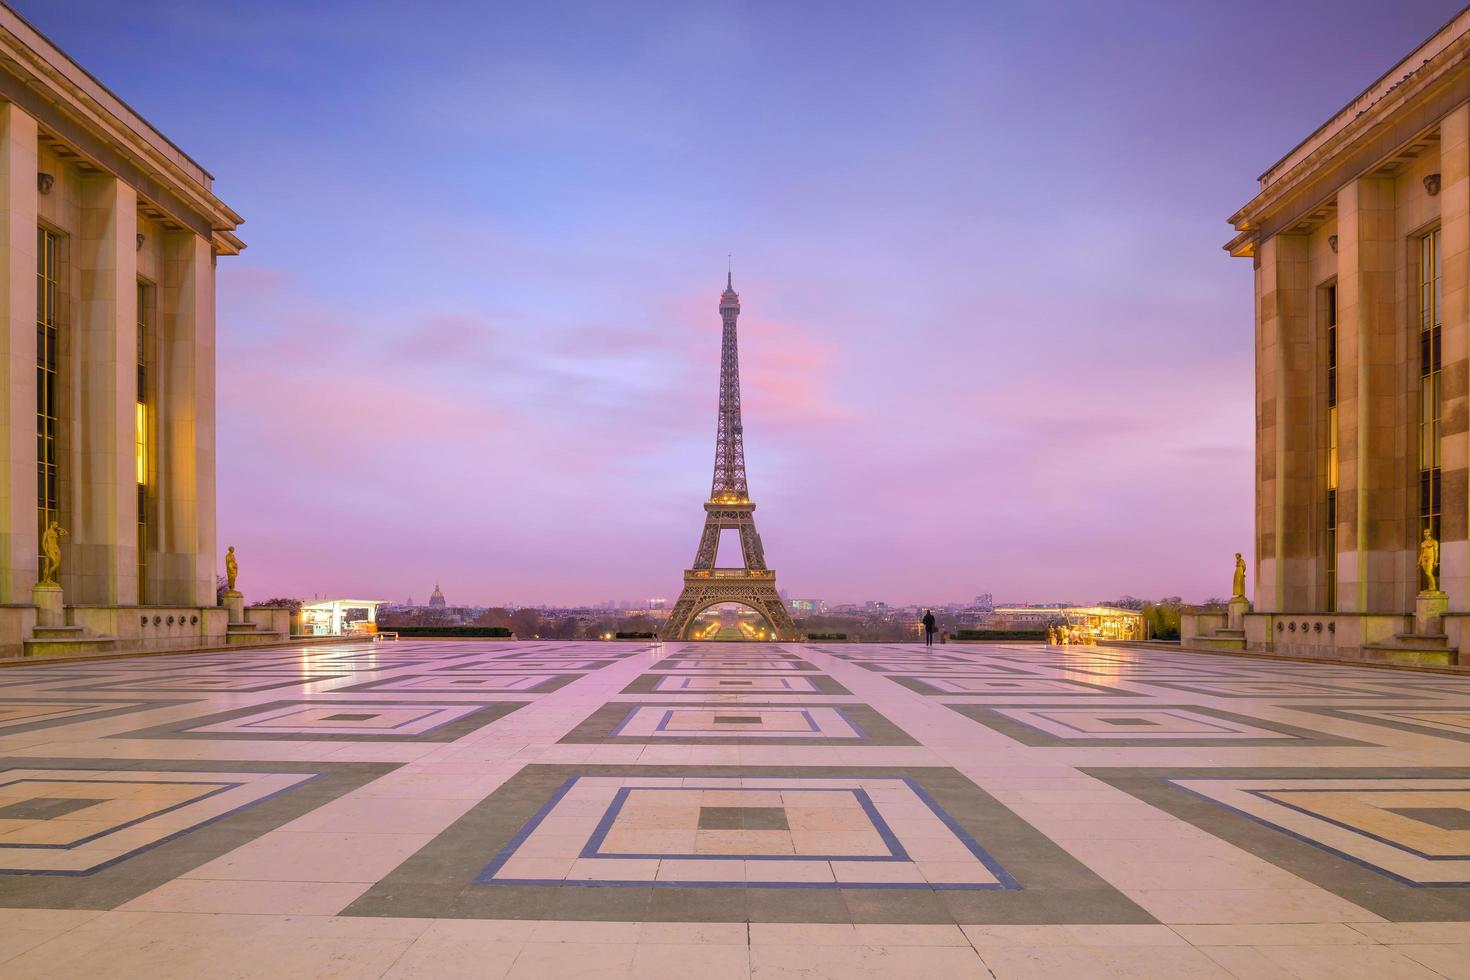 Torre Eiffel al amanecer desde las fuentes del Trocadero en París foto